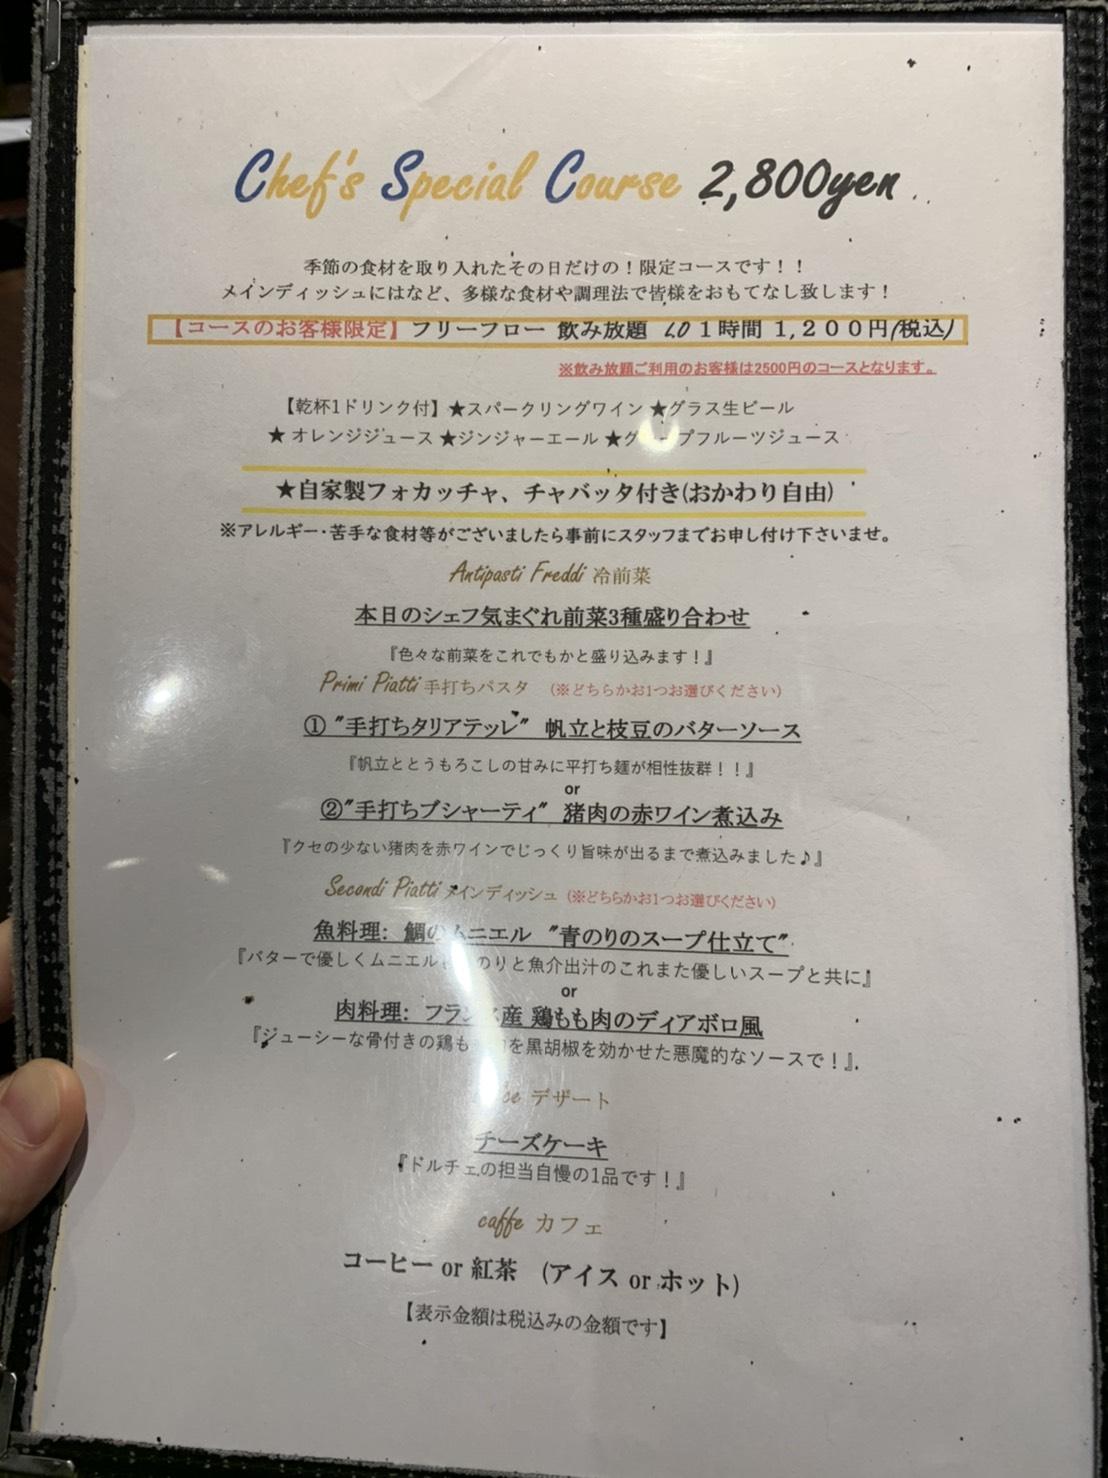 新宿ディナー個室